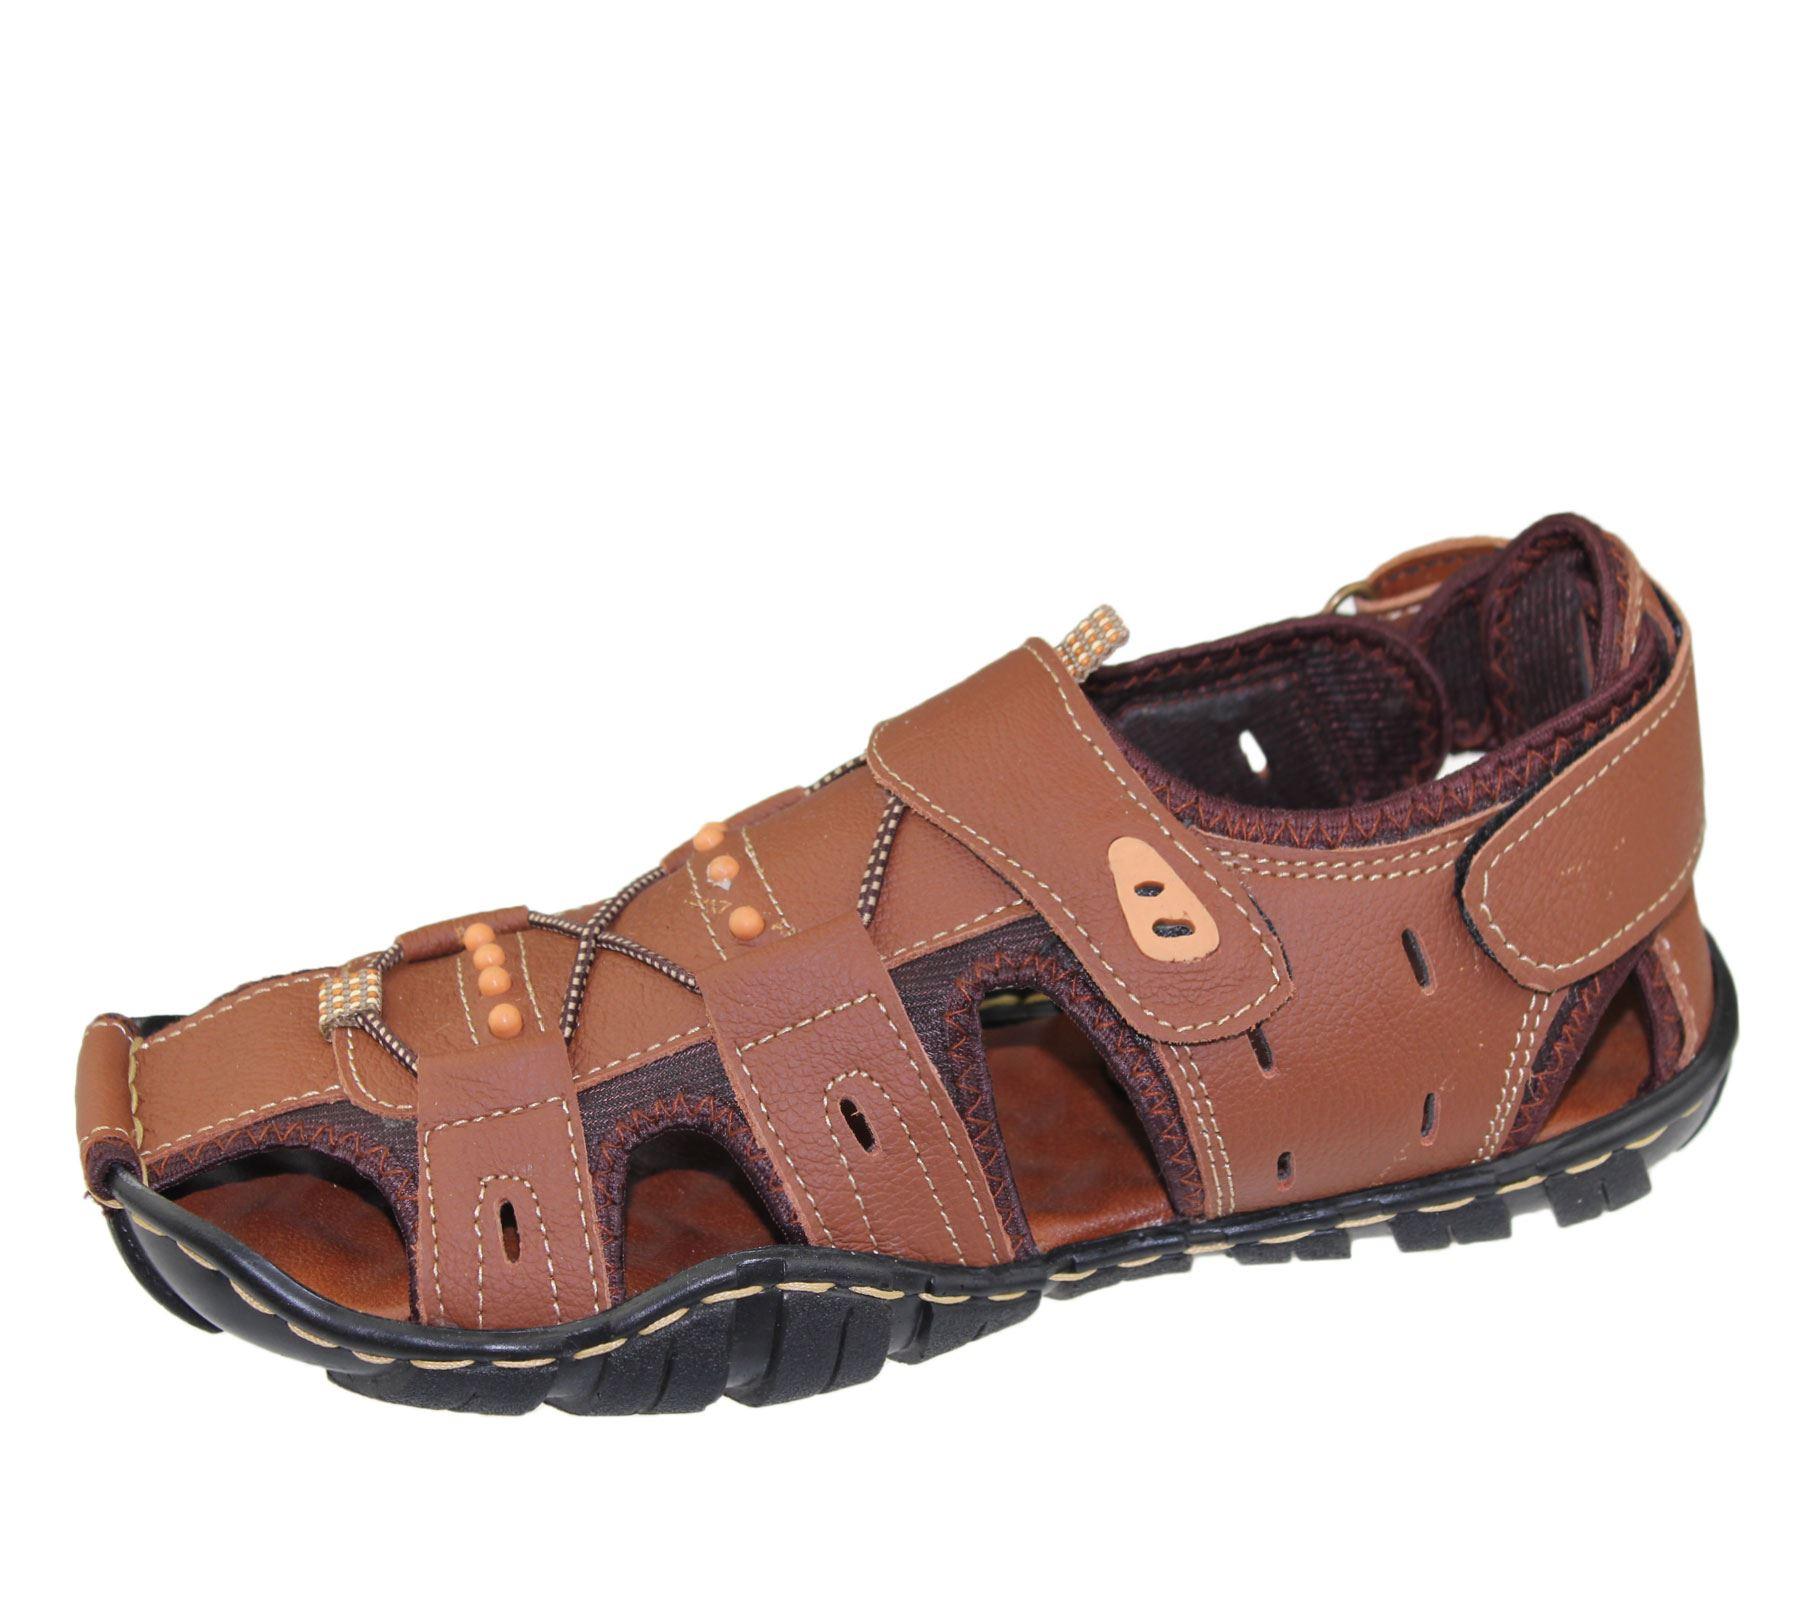 Mens-Sandal-Beach-Buckle-Walking-Fashion-Summer-Casual-Slipper miniatura 13